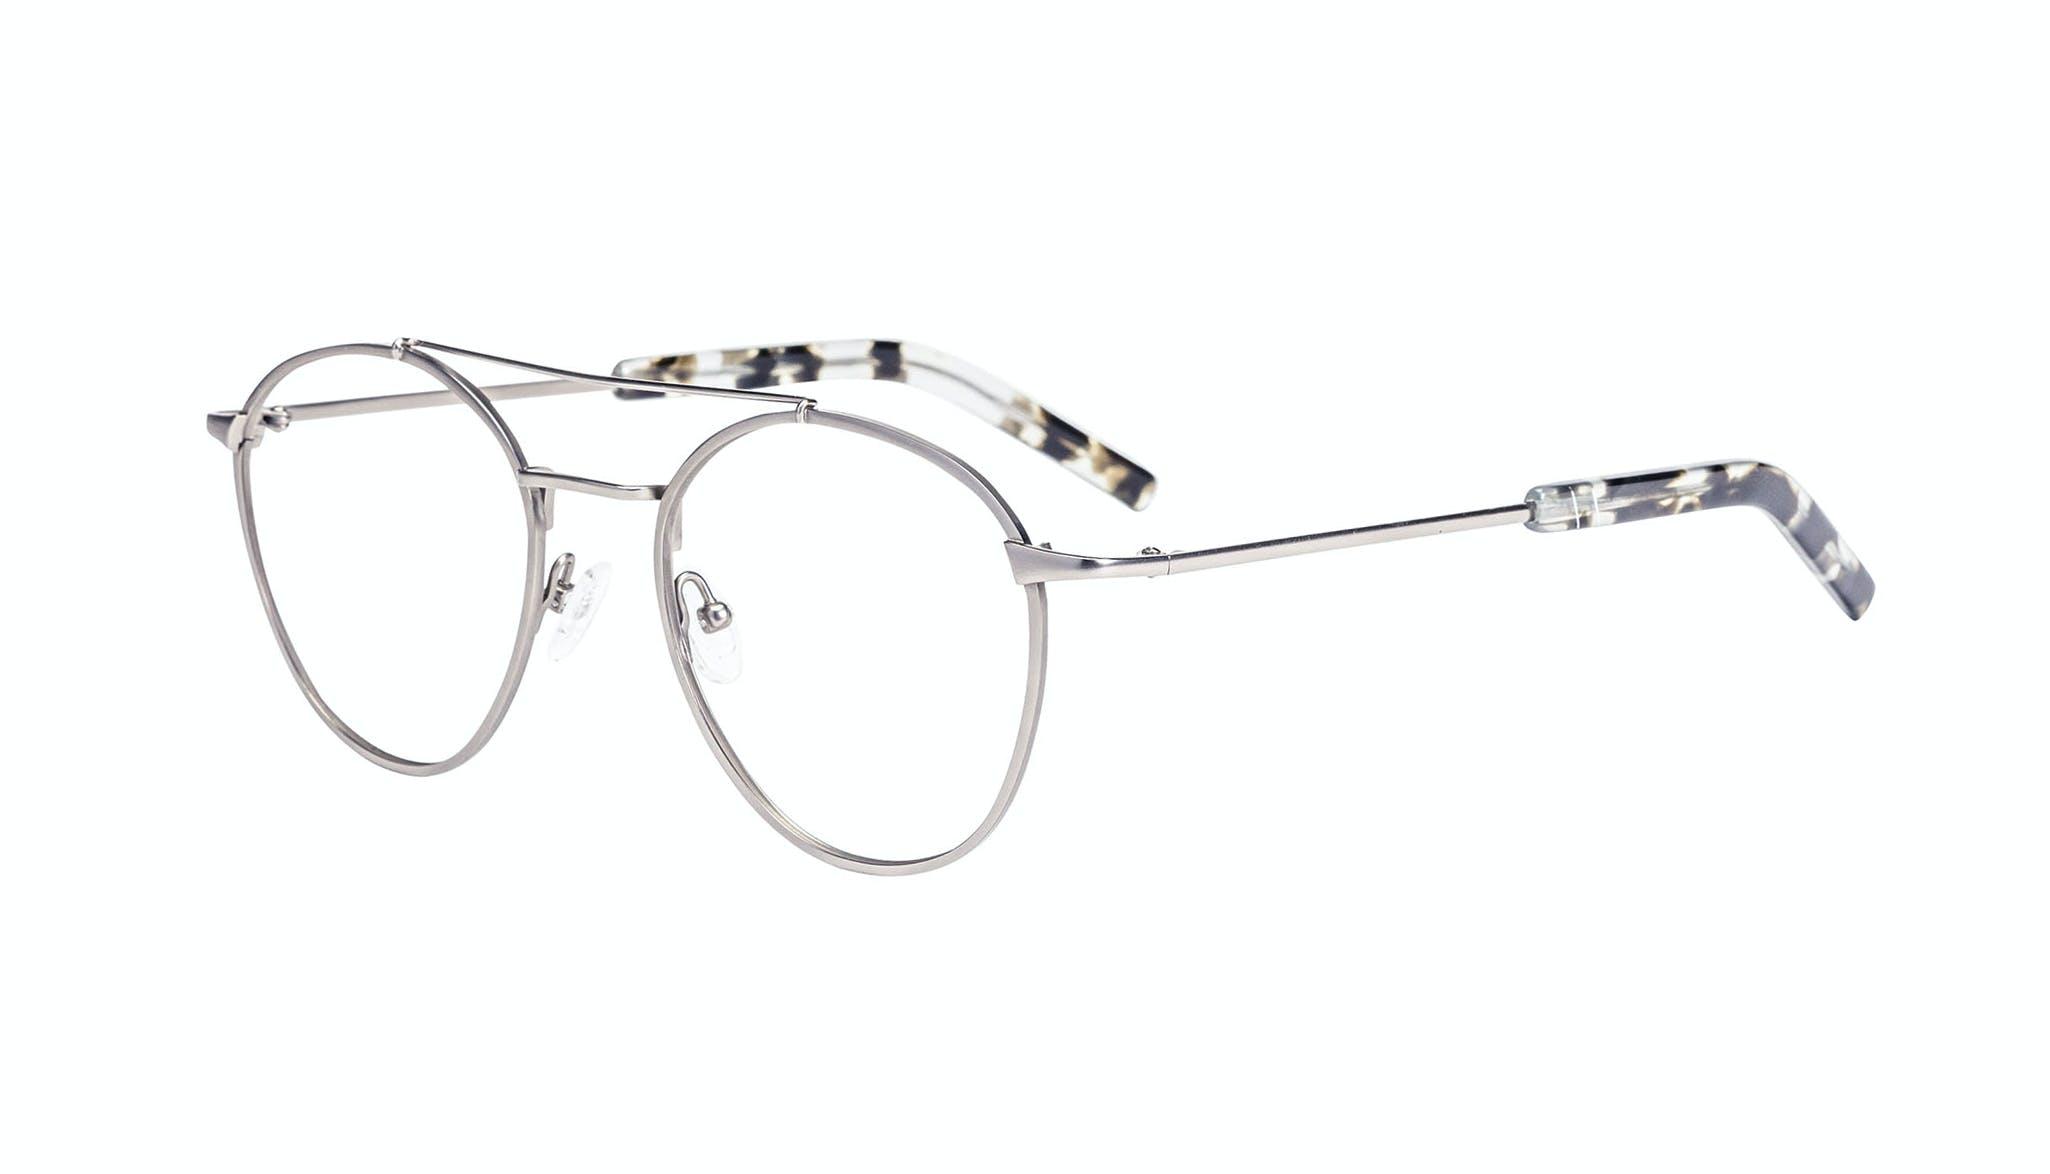 Affordable Fashion Glasses Aviator Eyeglasses Men Gravity Silver Tilt